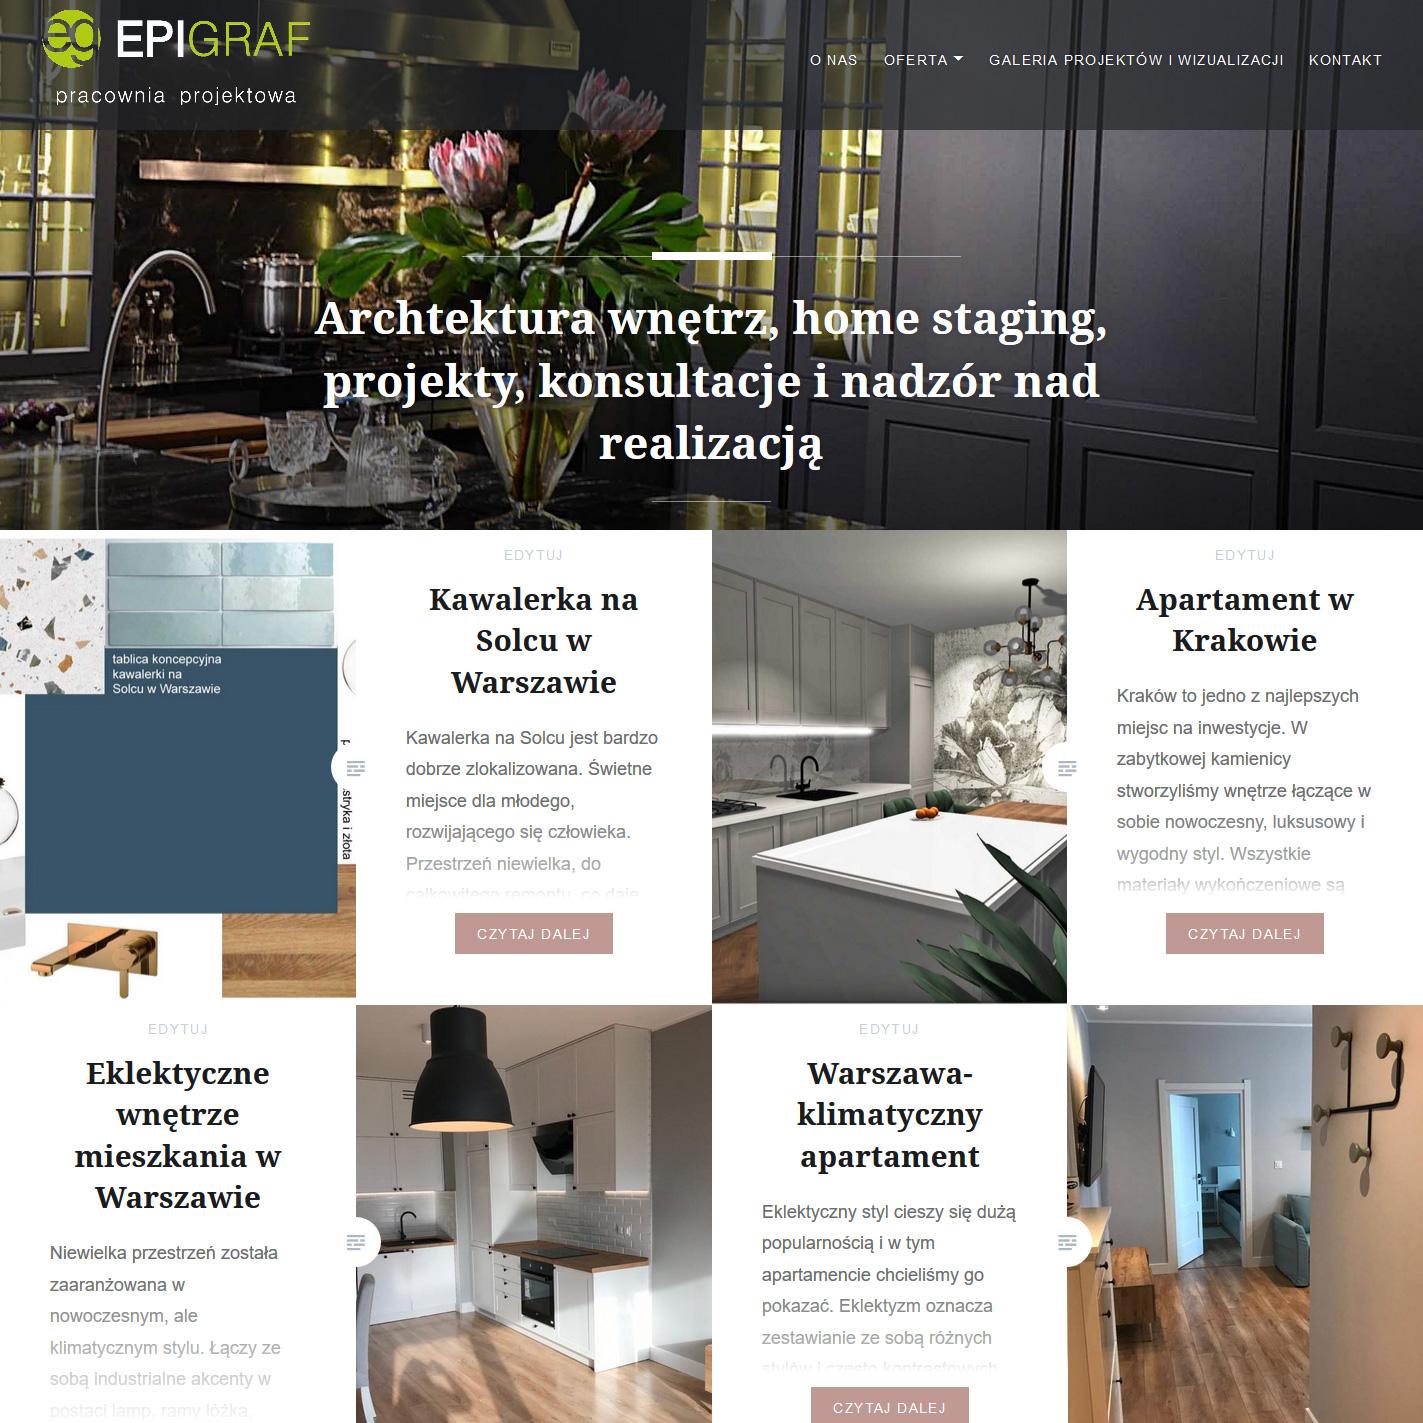 Epigraf - Projektowanie i aranżacja wnętrz – Archtektura wnętrz